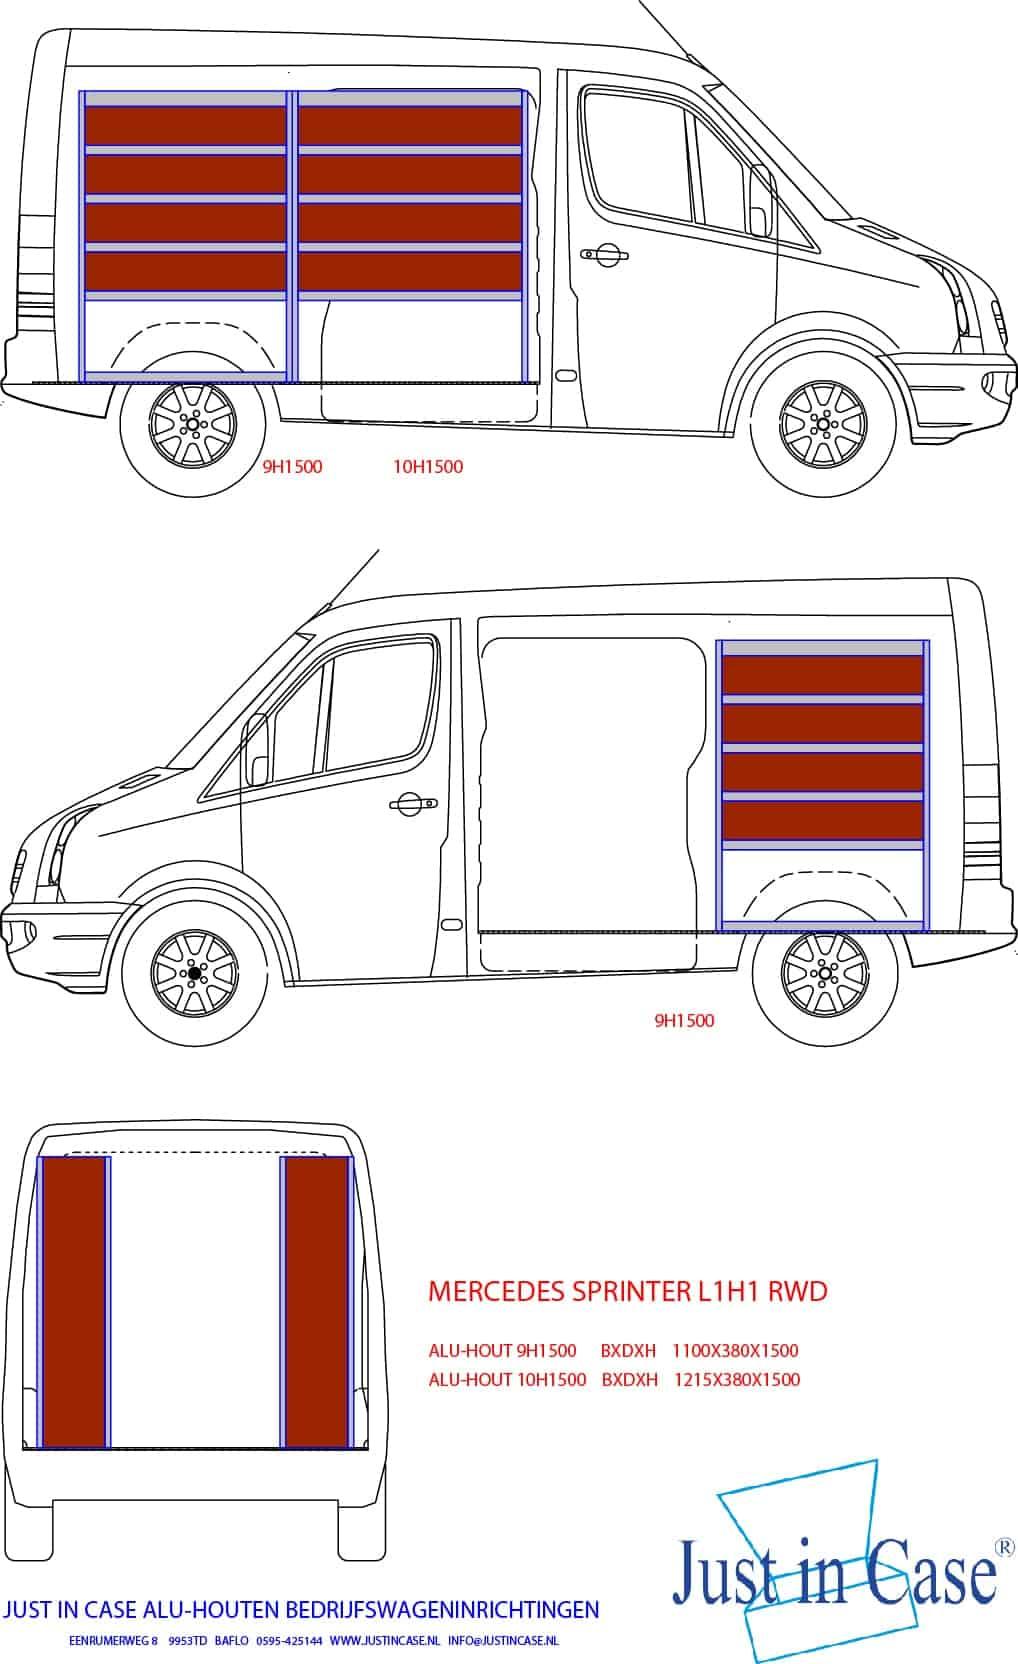 Mercedes Sprinter Bedrijfswagen inrichting schets